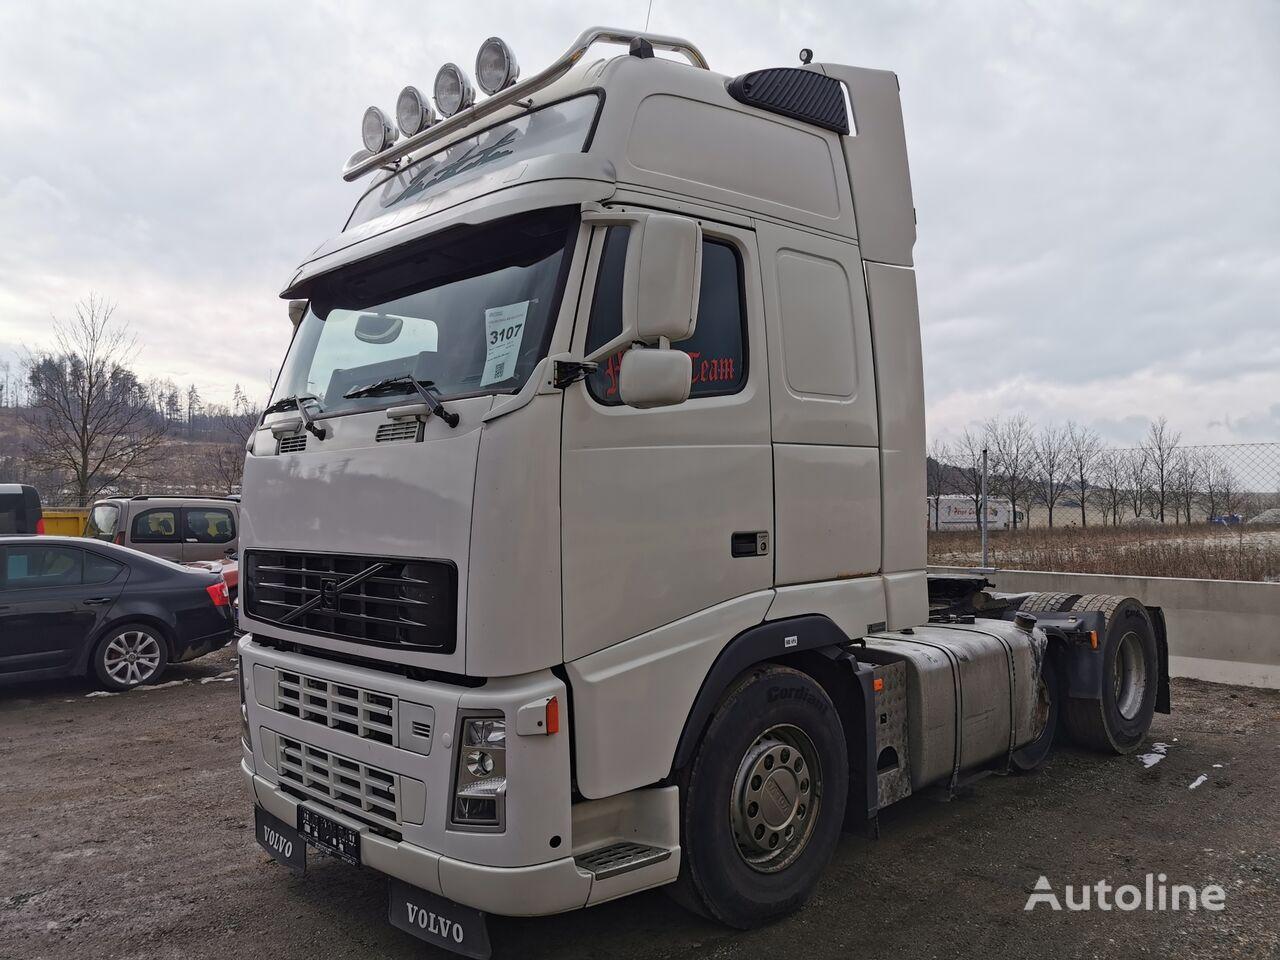 VOLVO FH13 400 6x2 EURO 5 tractor unit